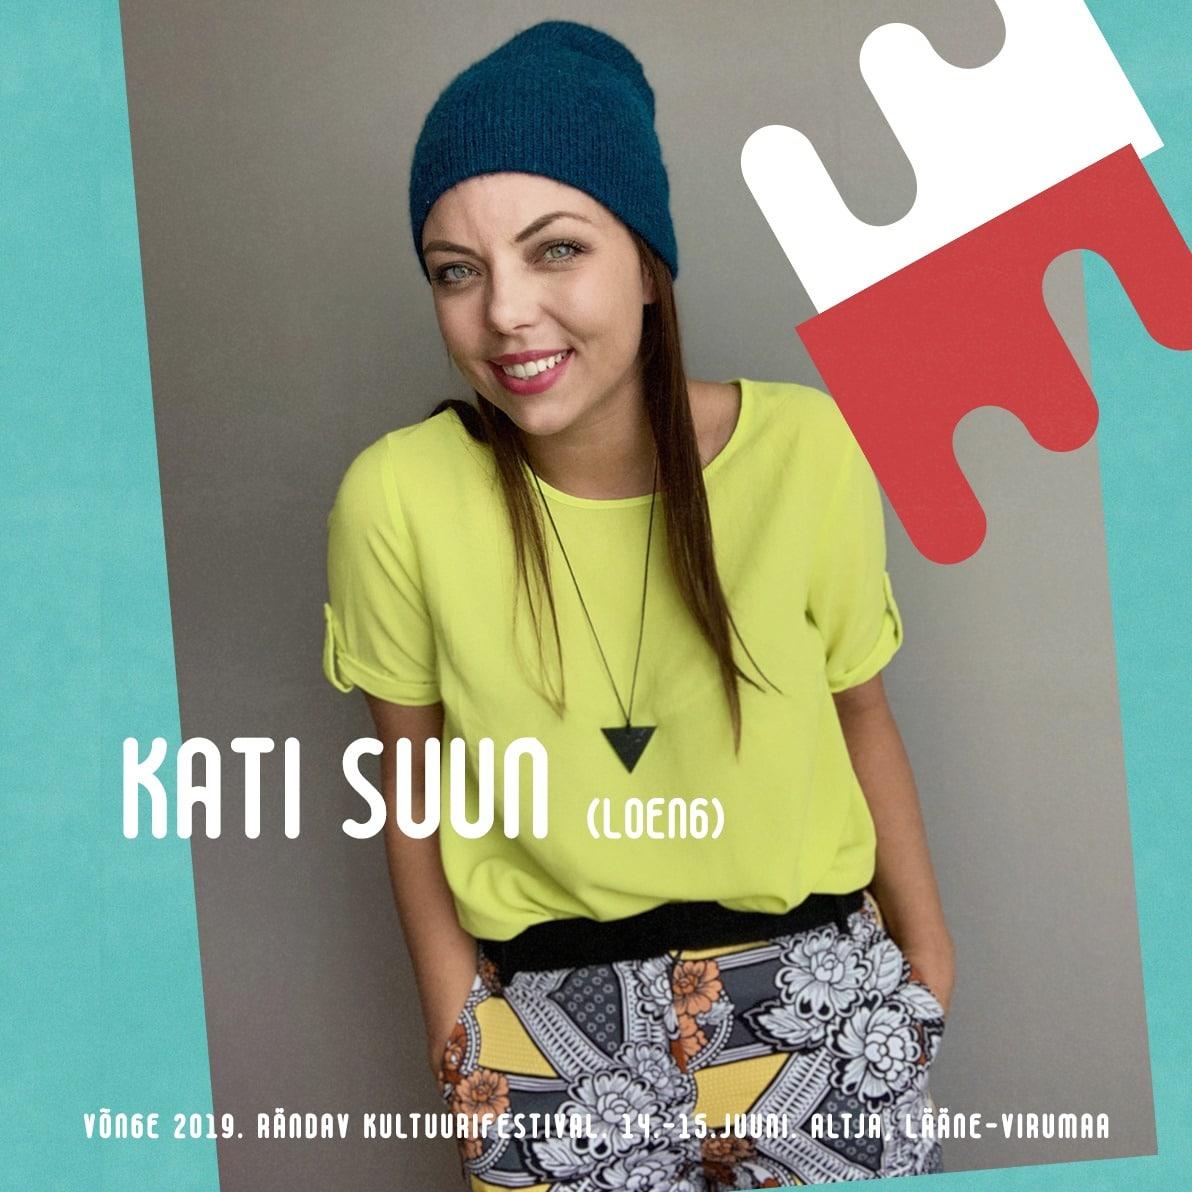 Kati Suun, Võnge festival